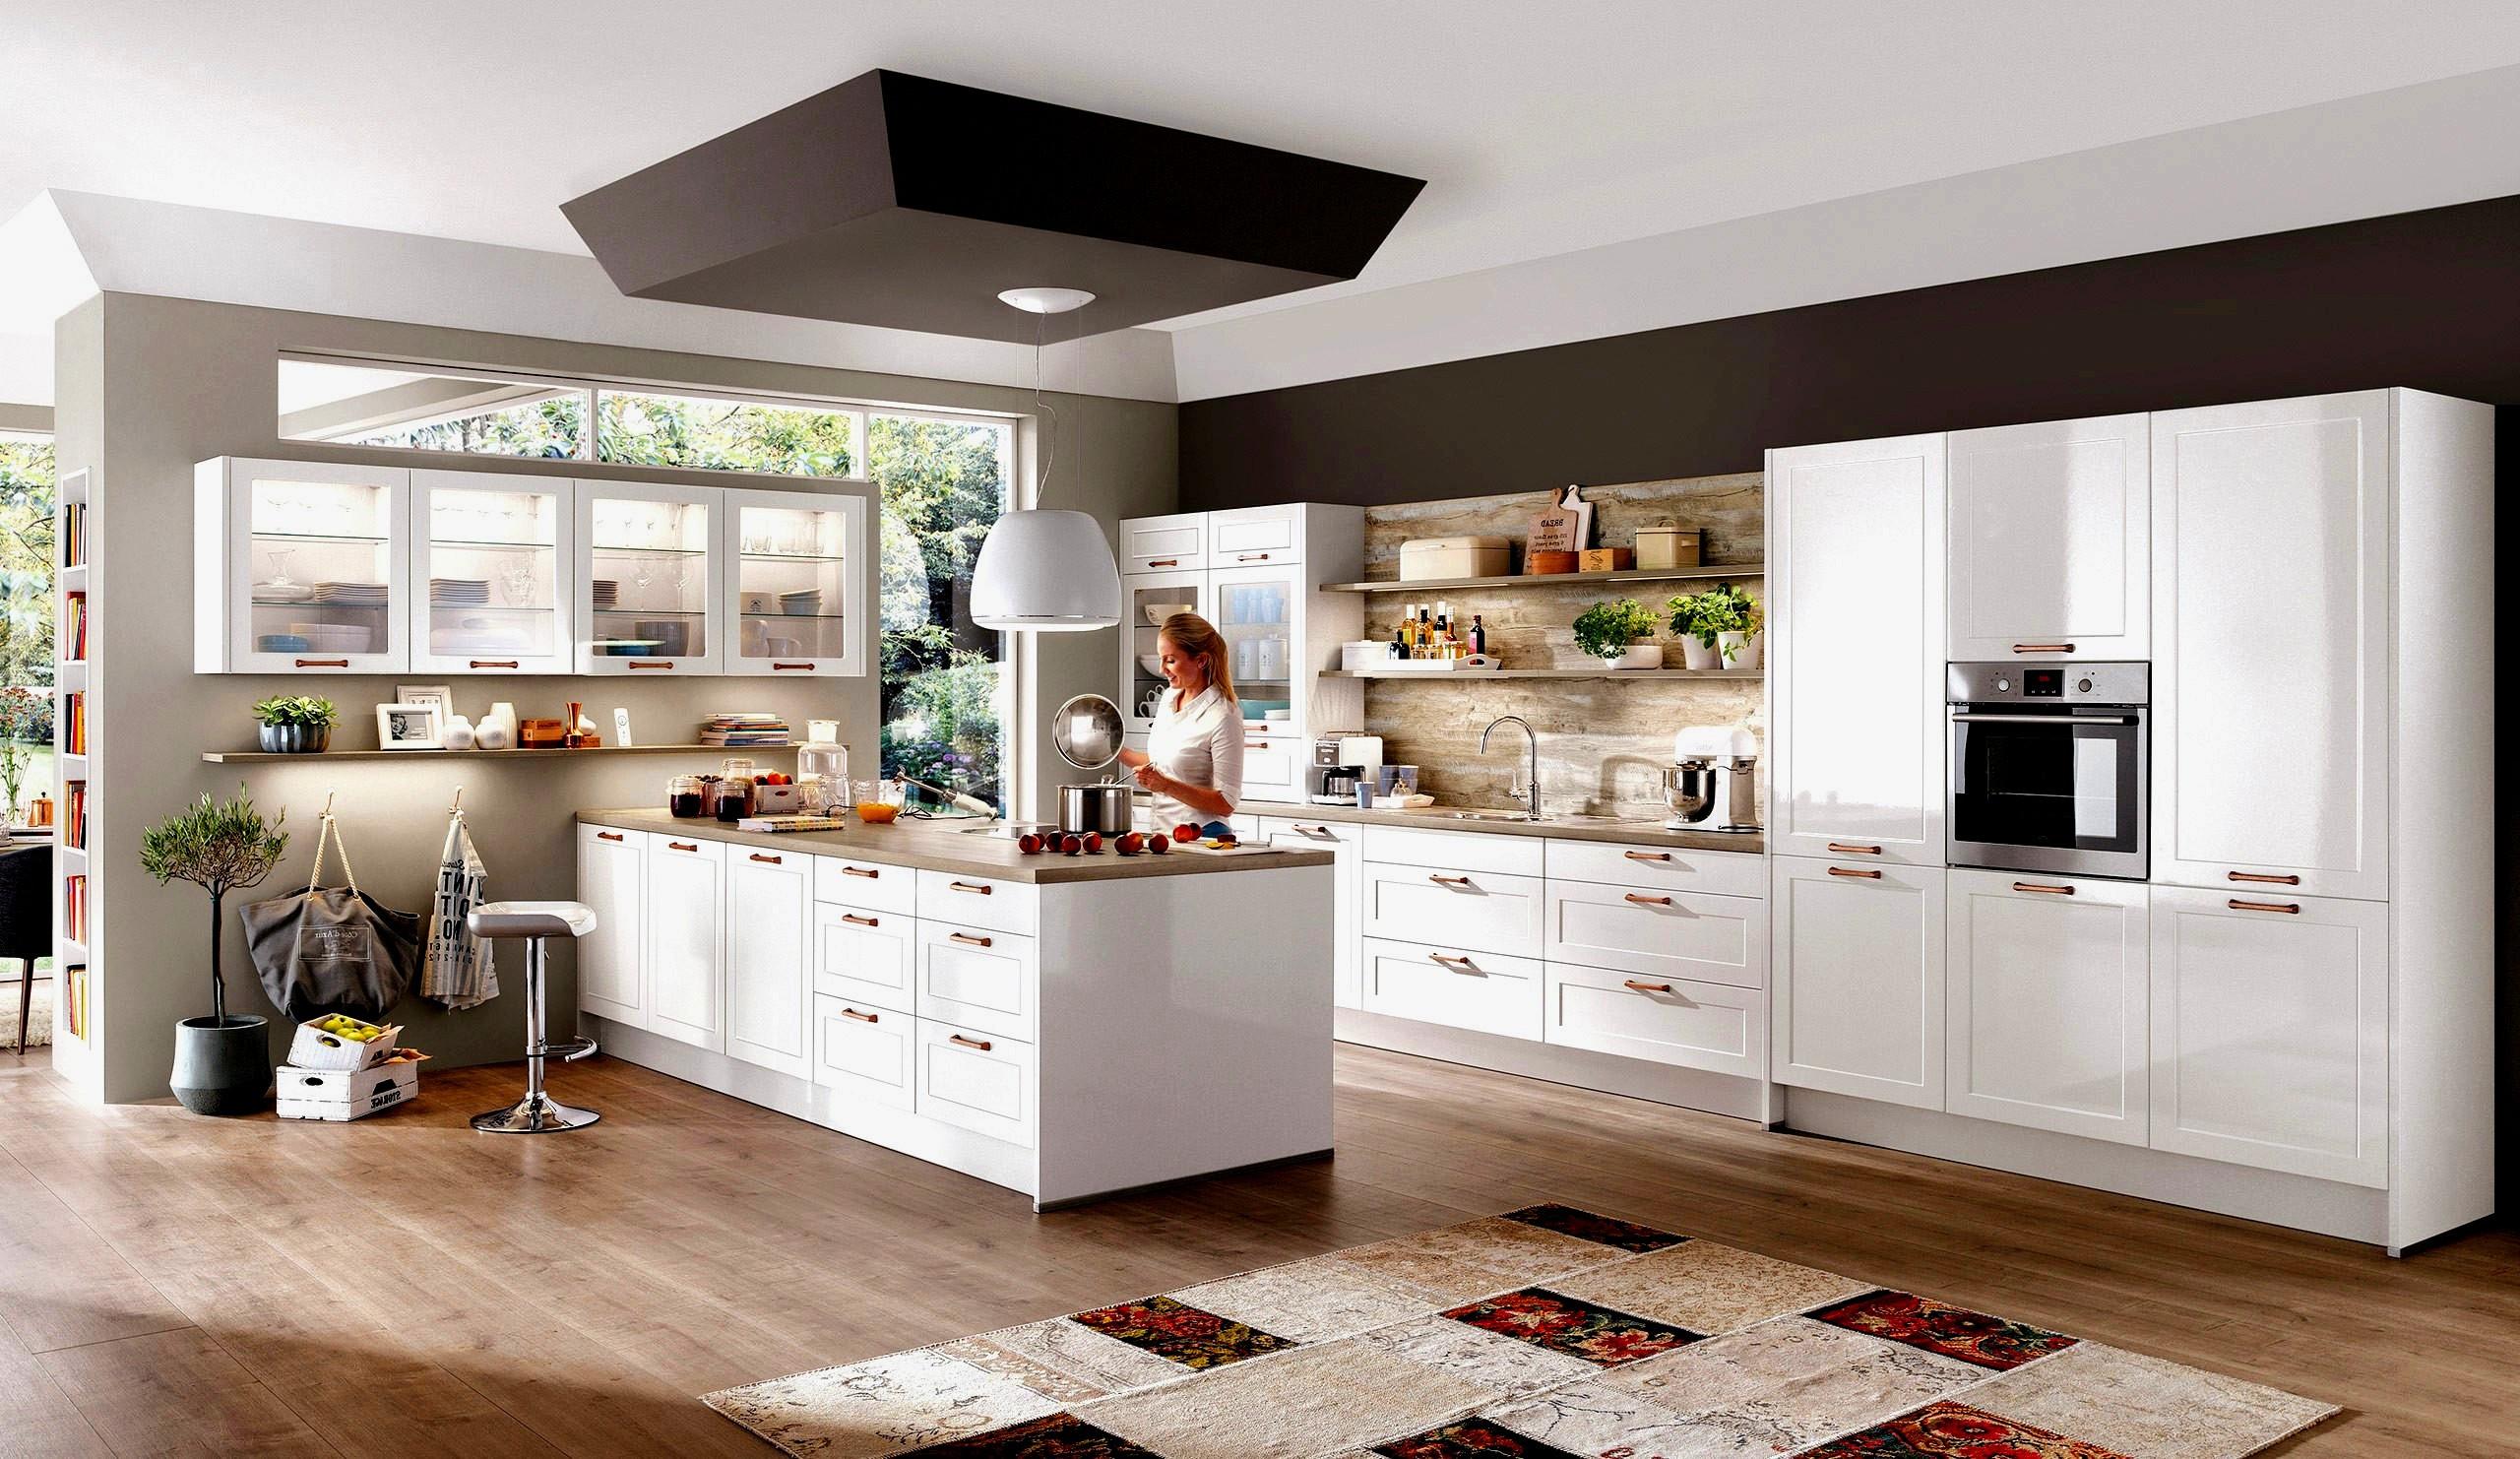 Gebrauchte Küchen  Gebrauchte Küchen Augsburg